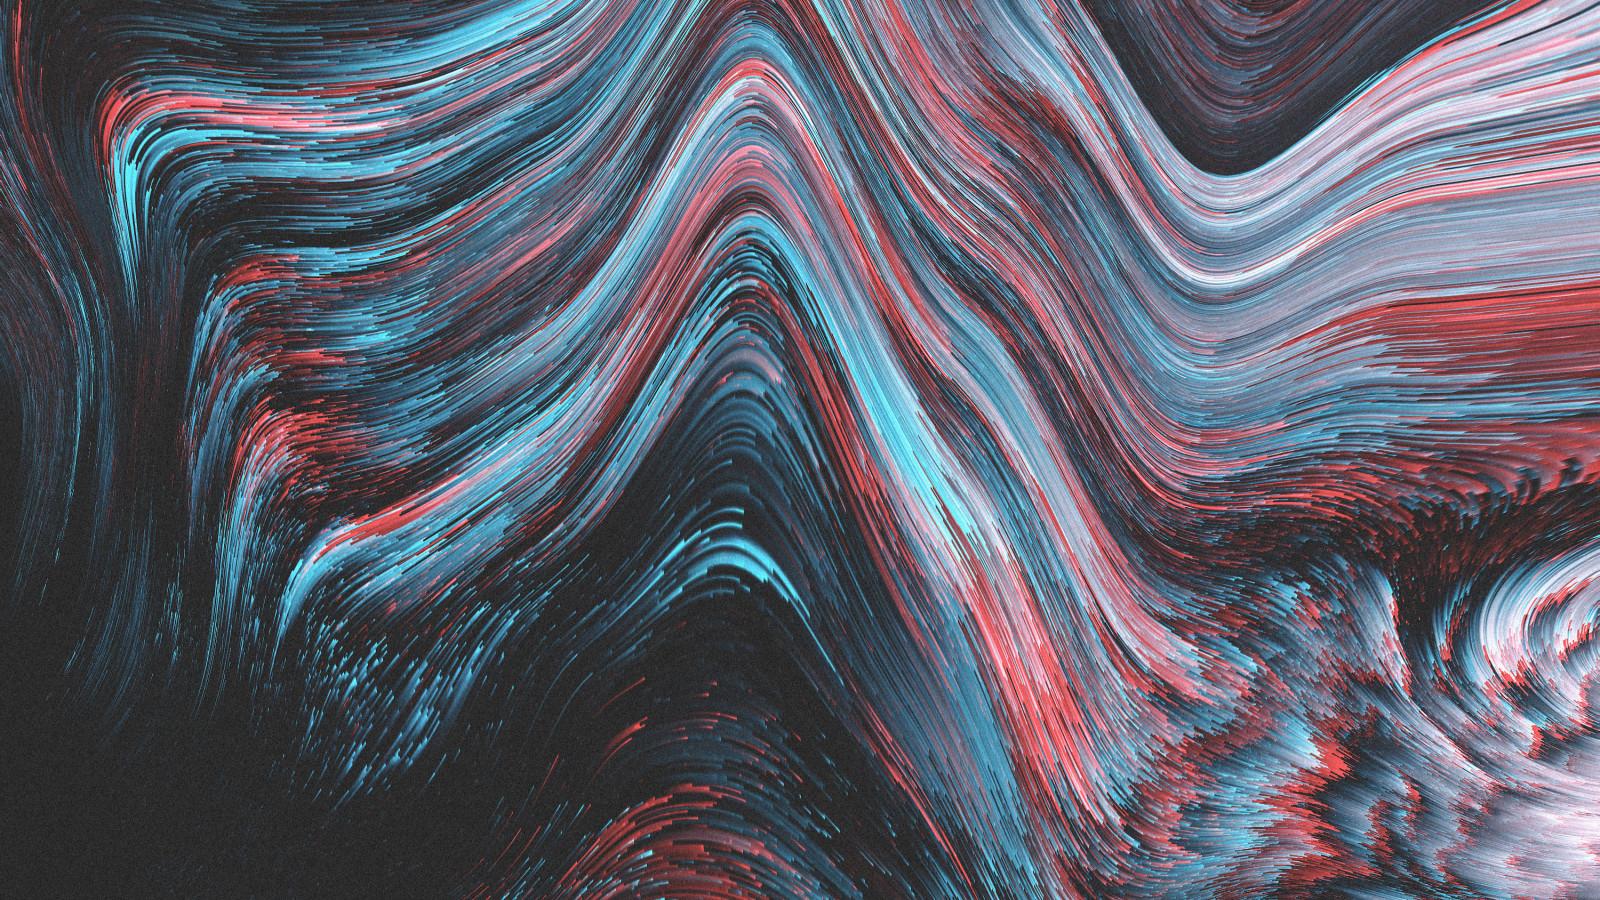 Ведьмой красивой, картинки в 5500 на 3783 пикселей